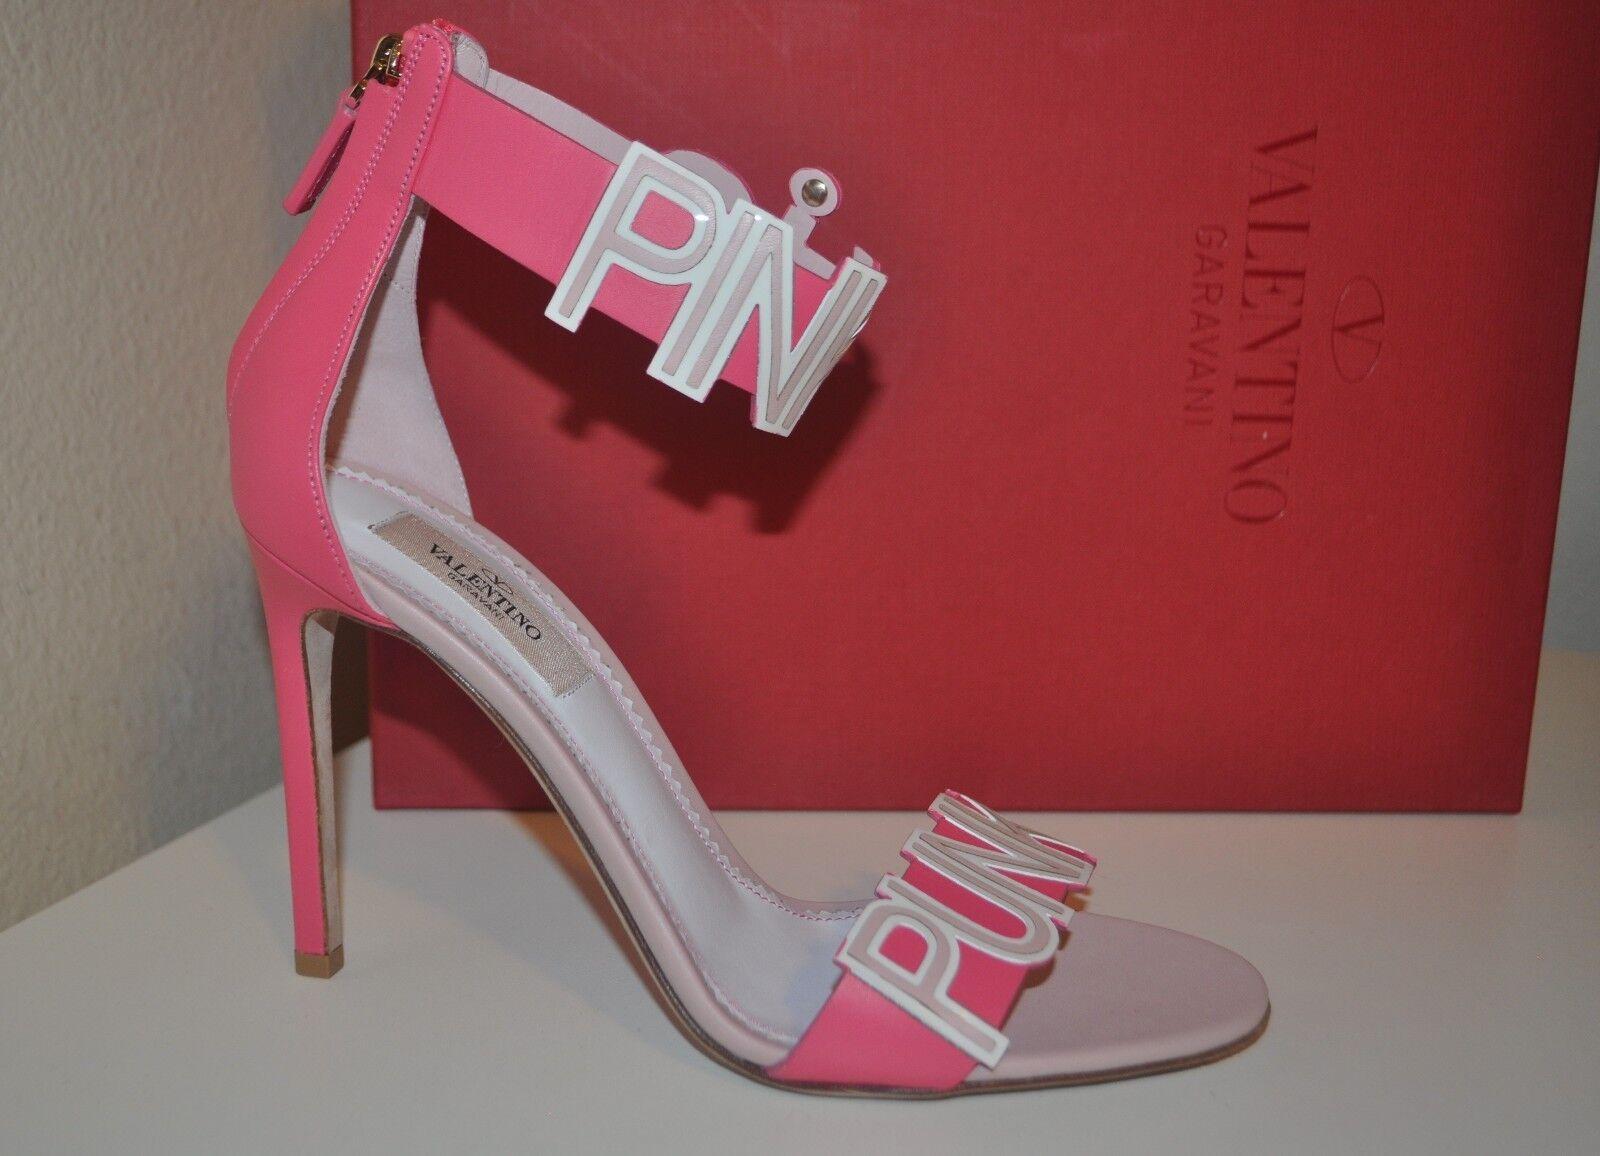 NIB NIB NIB  1,275+ VALENTINO GARAVANI Pink Punk Ankle Strap Heel Sandal shoes 37.5 - 7 7441a6